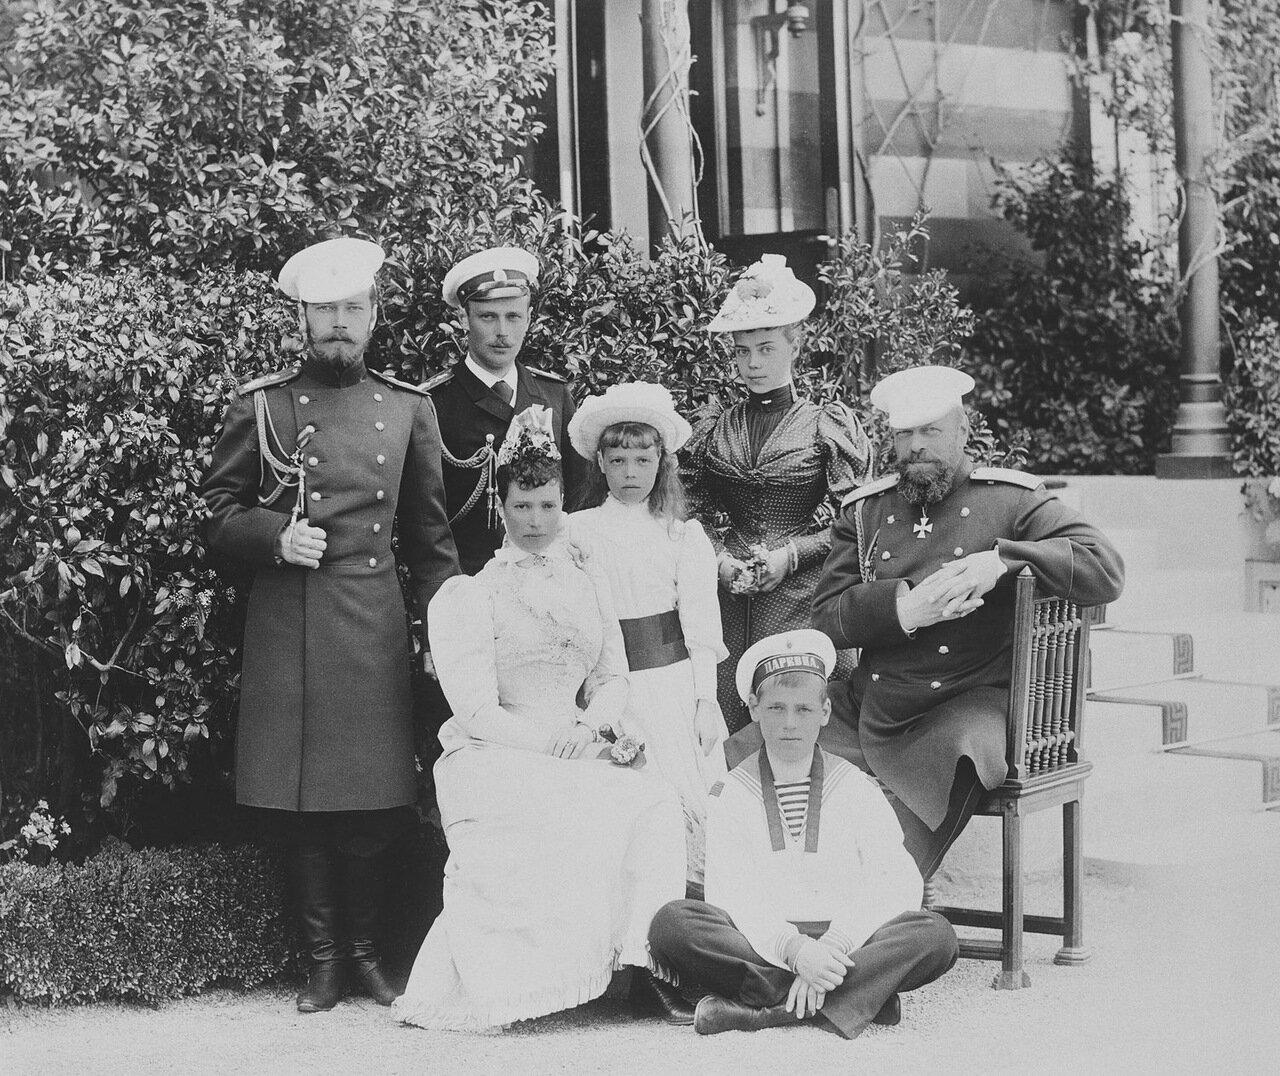 Царевич Николай, великий князь Георгий, императрица Мария Федоровна, великая княгиня Ольга, великая княгиня Ксения, великий князь Михаил Александрович и Александр III. Ливадия, 1892